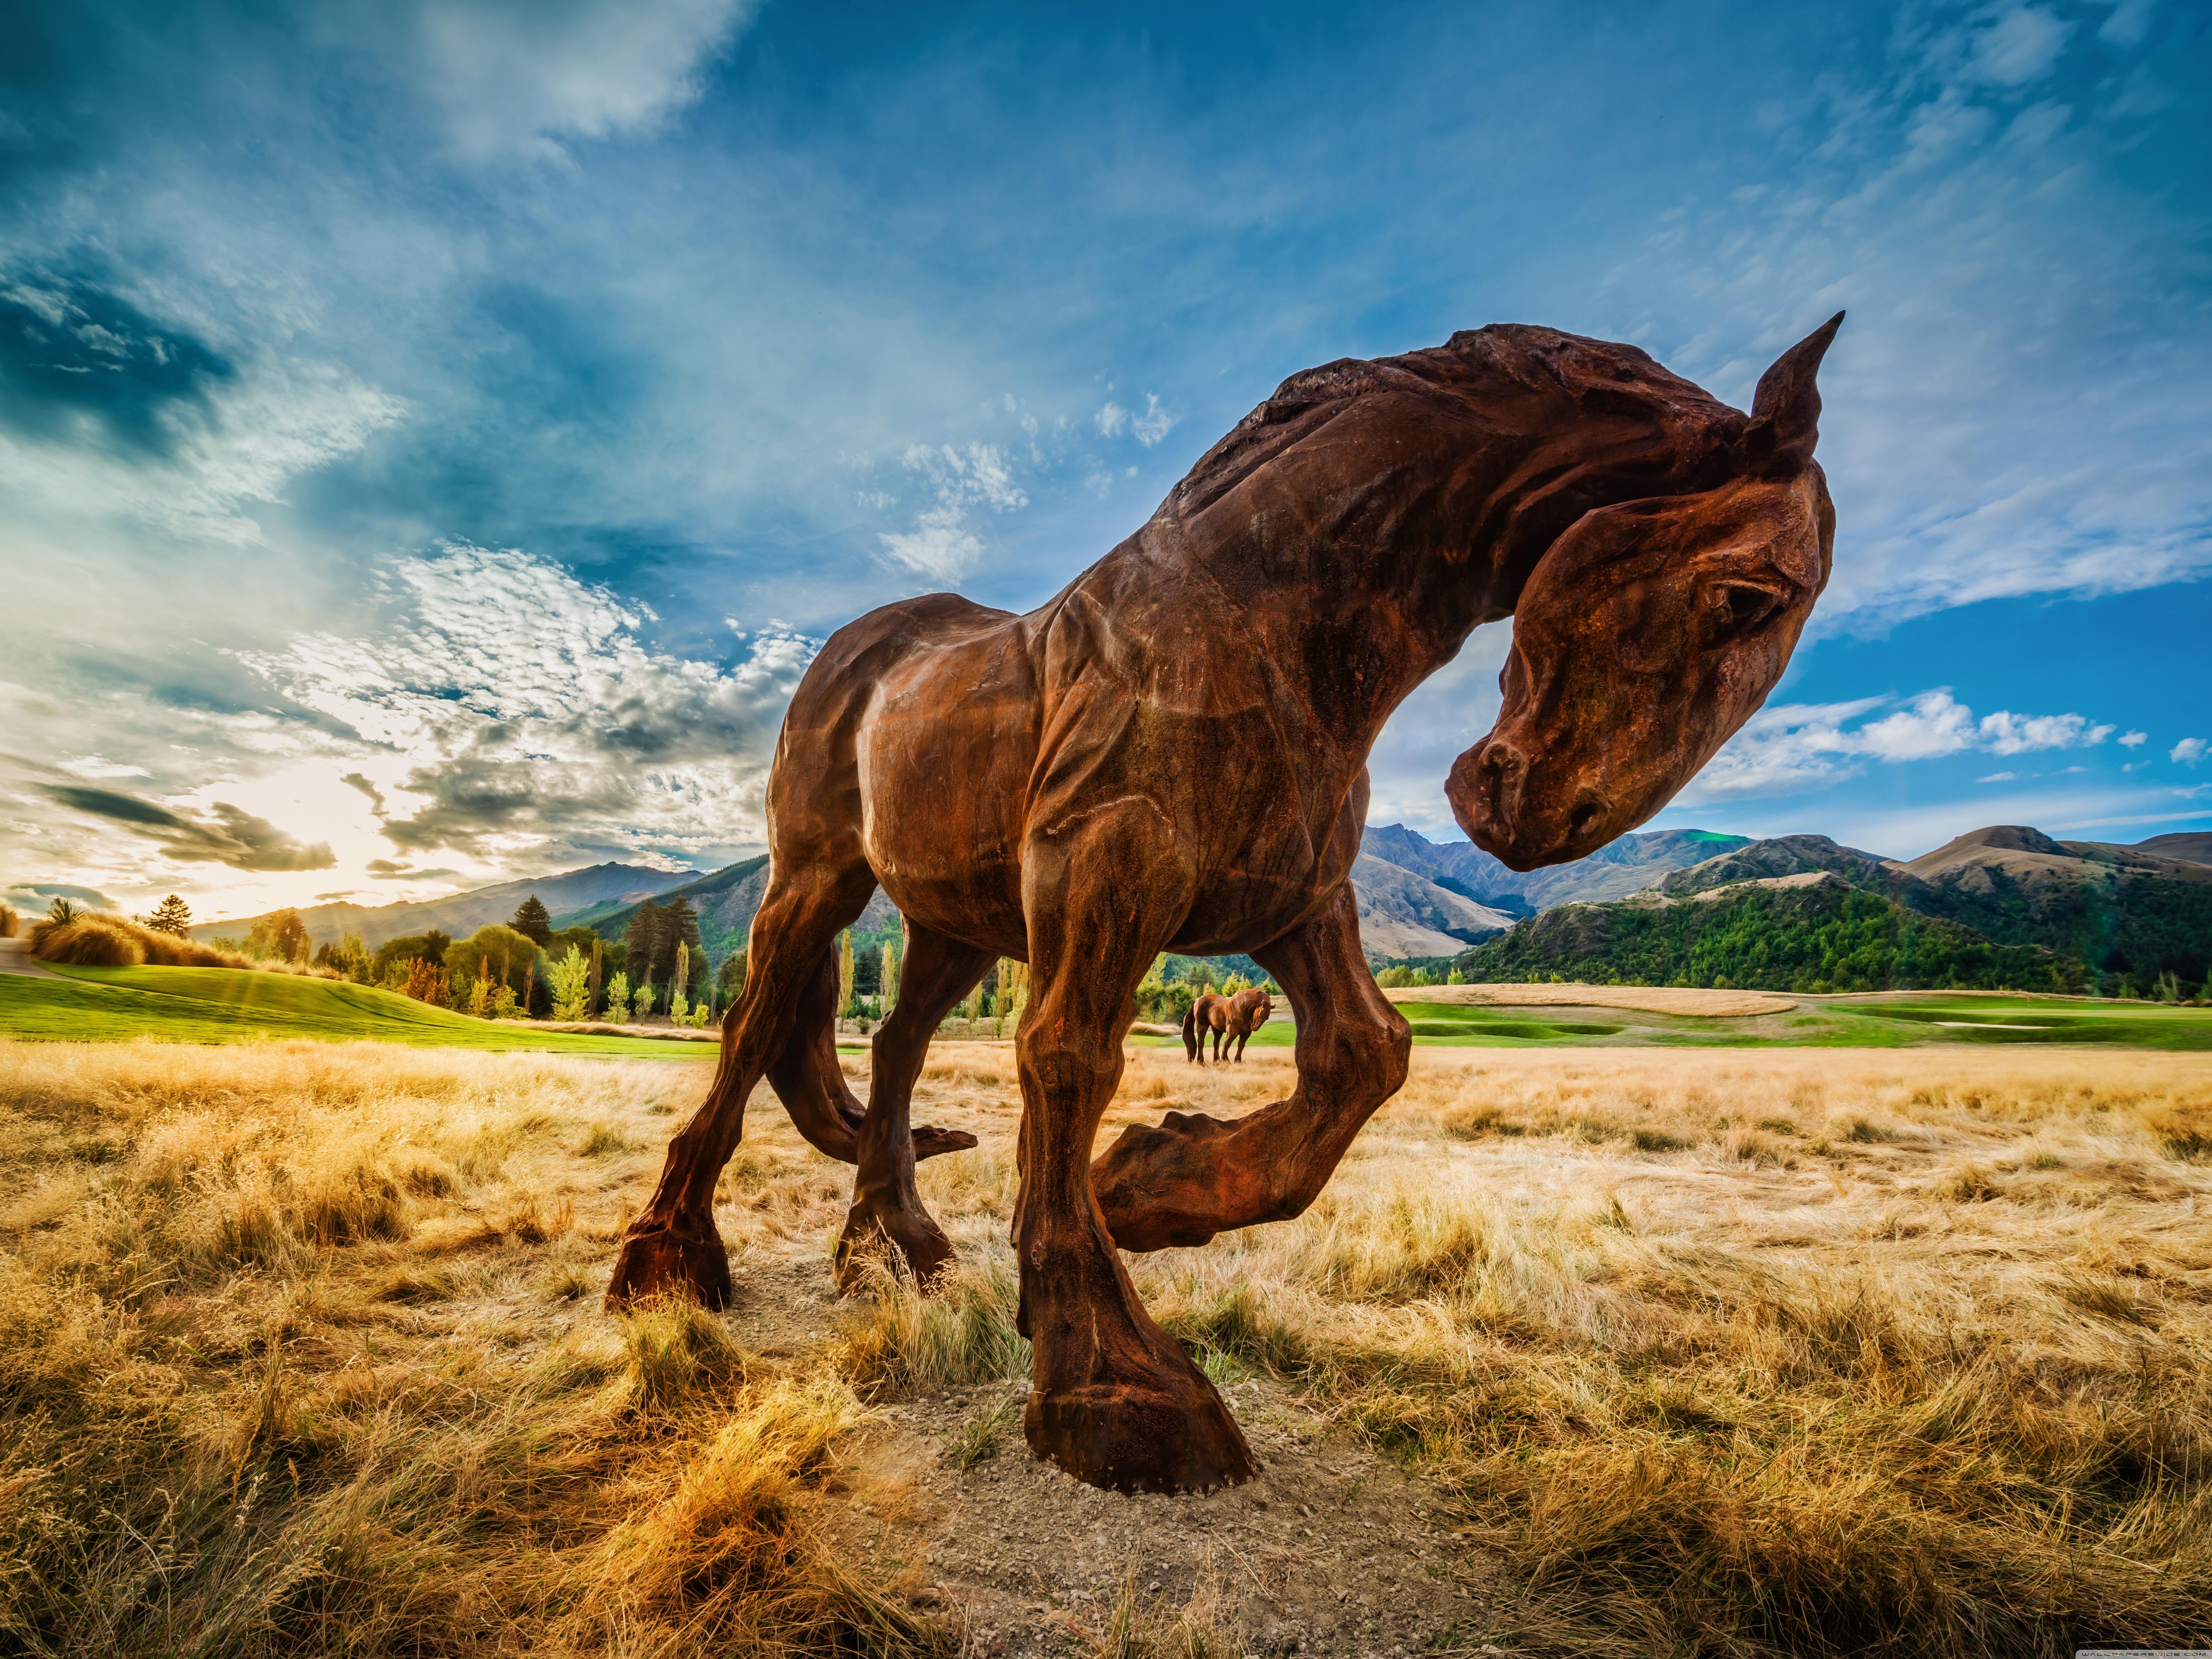 Wild Horse 4K HD Desktop Wallpaper for 4K Ultra HD TV Wide 6400x4800